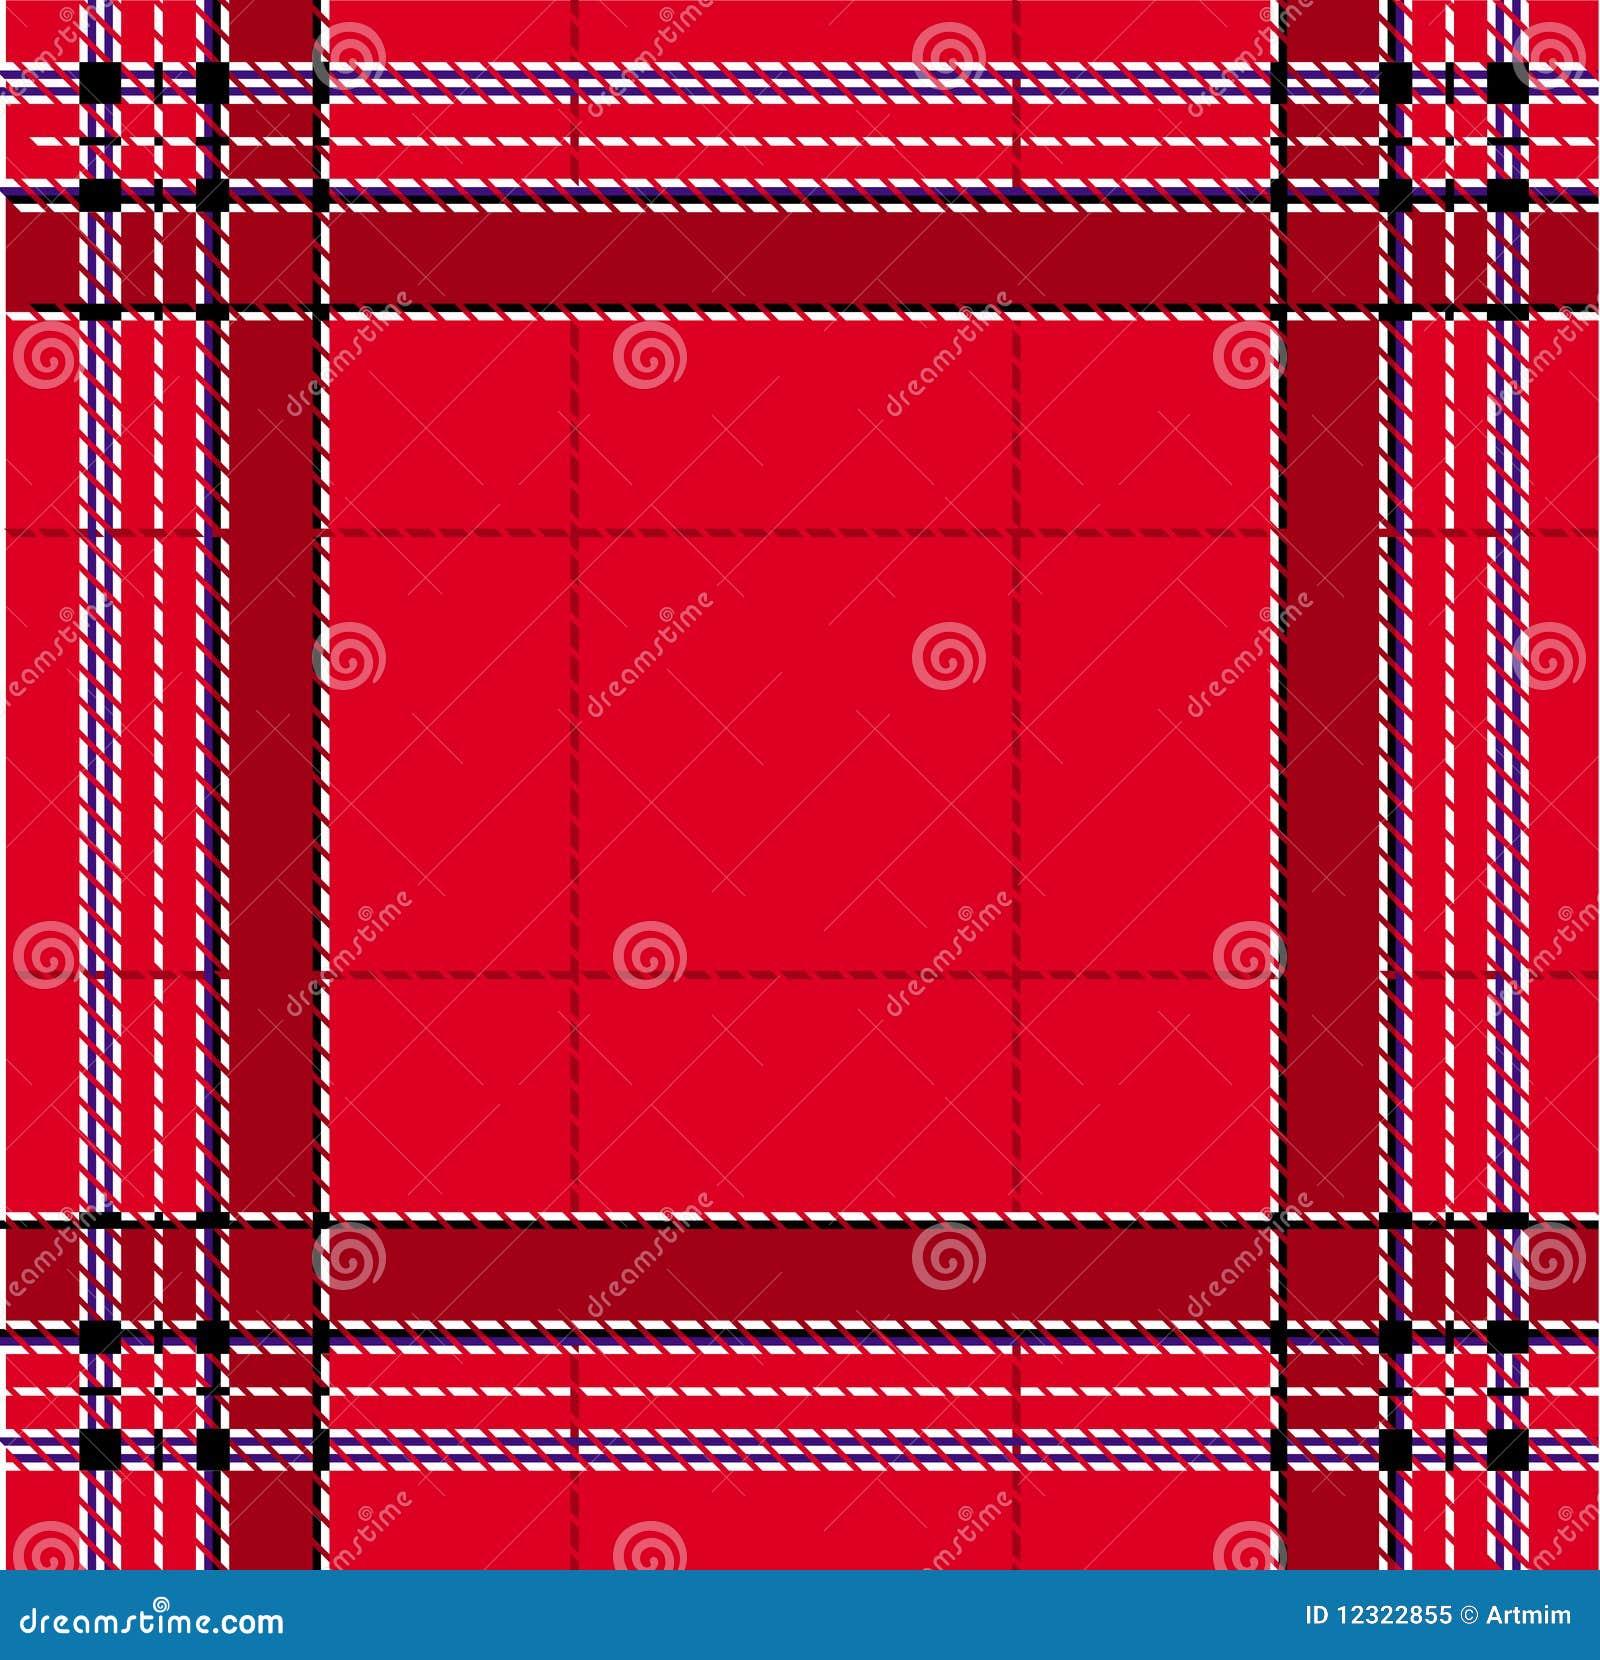 Classic red tartan